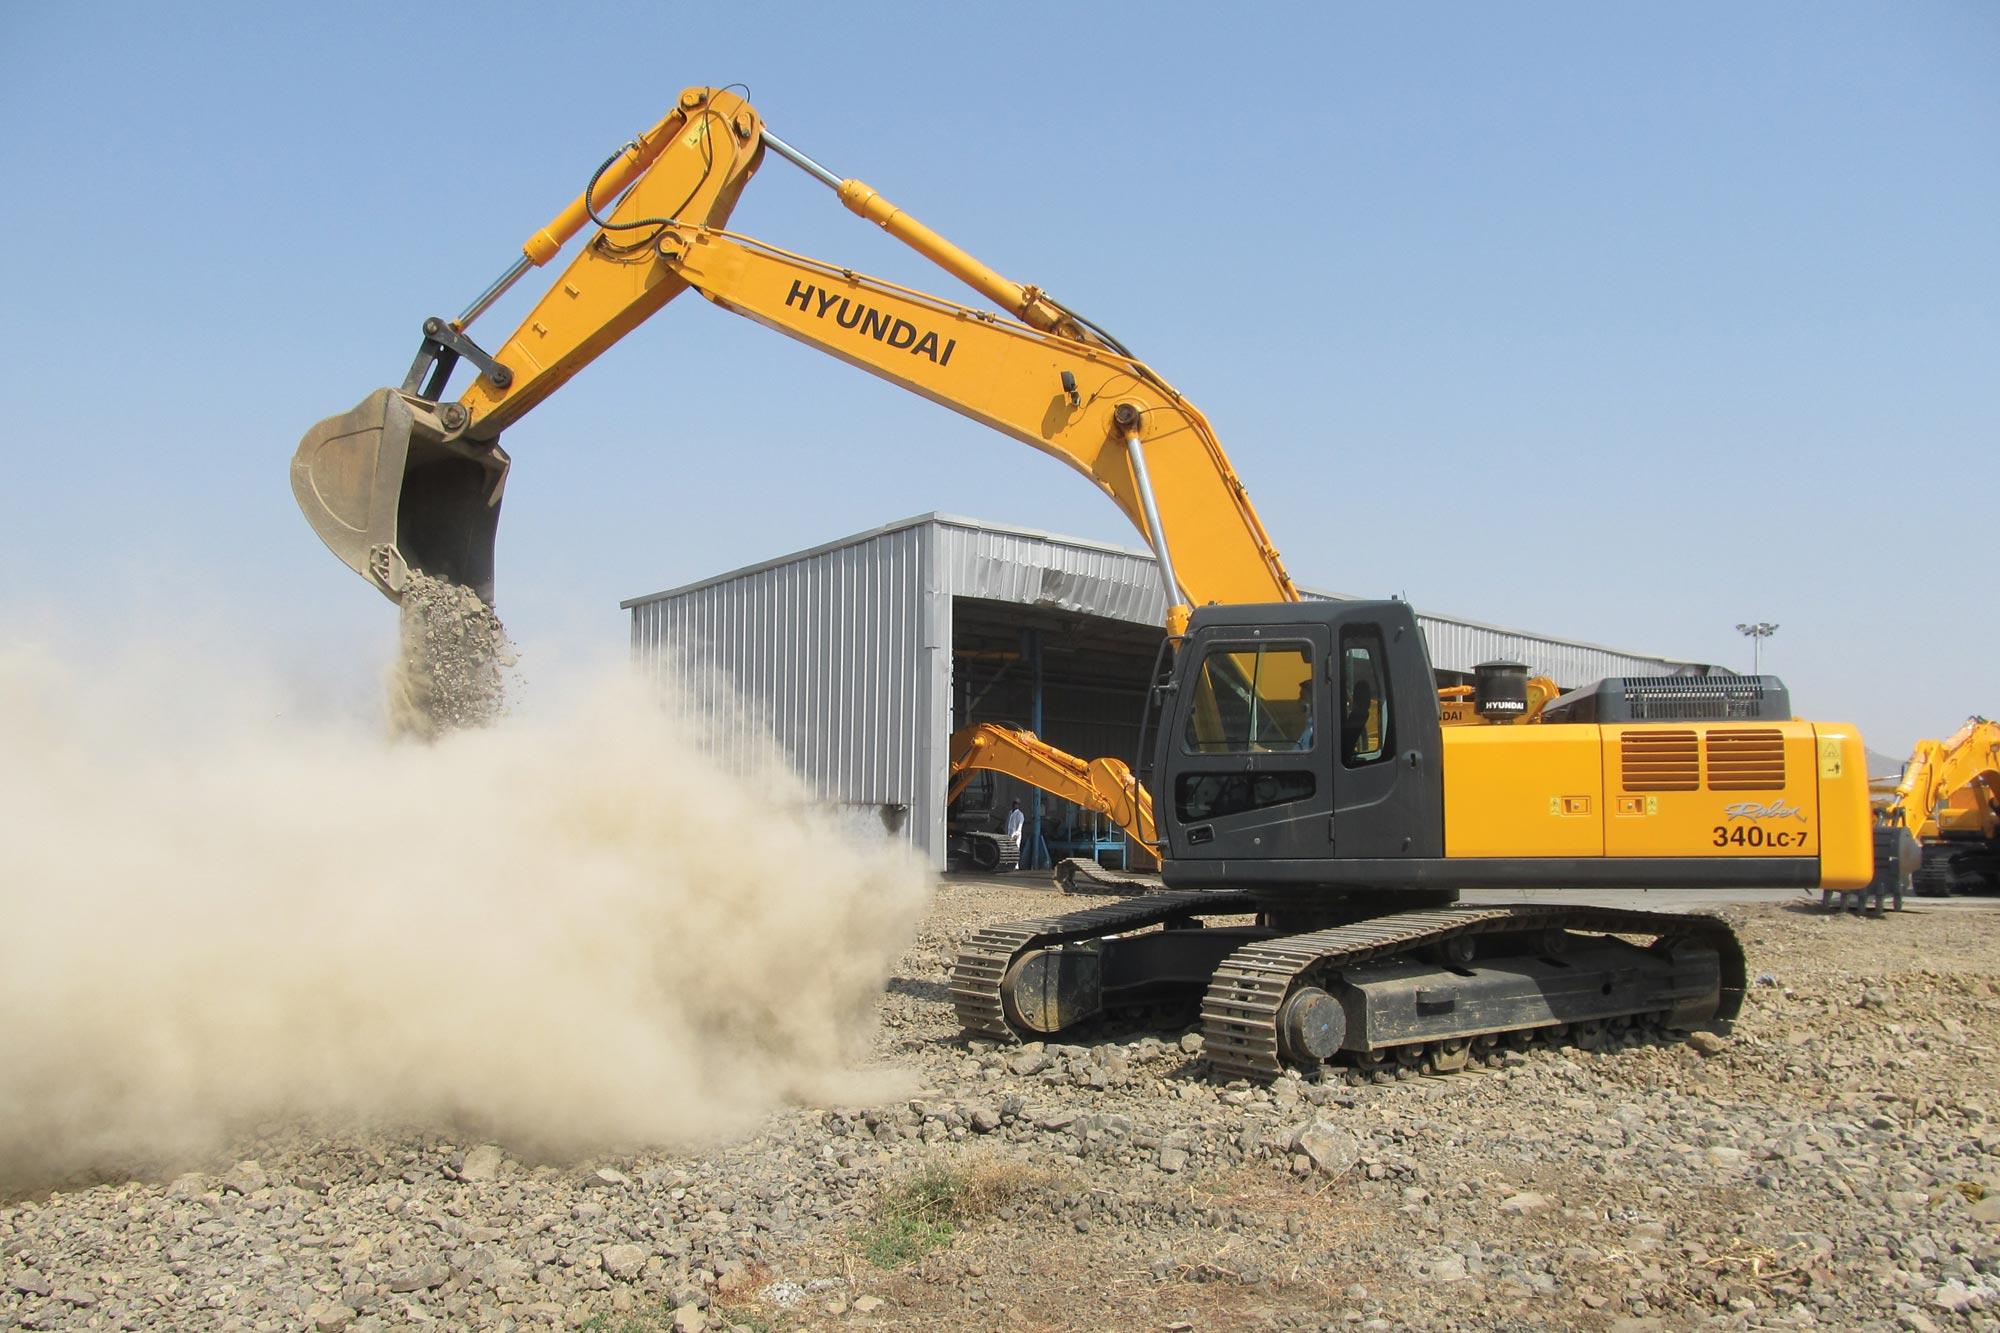 Hyundai's exquisite range of excavators